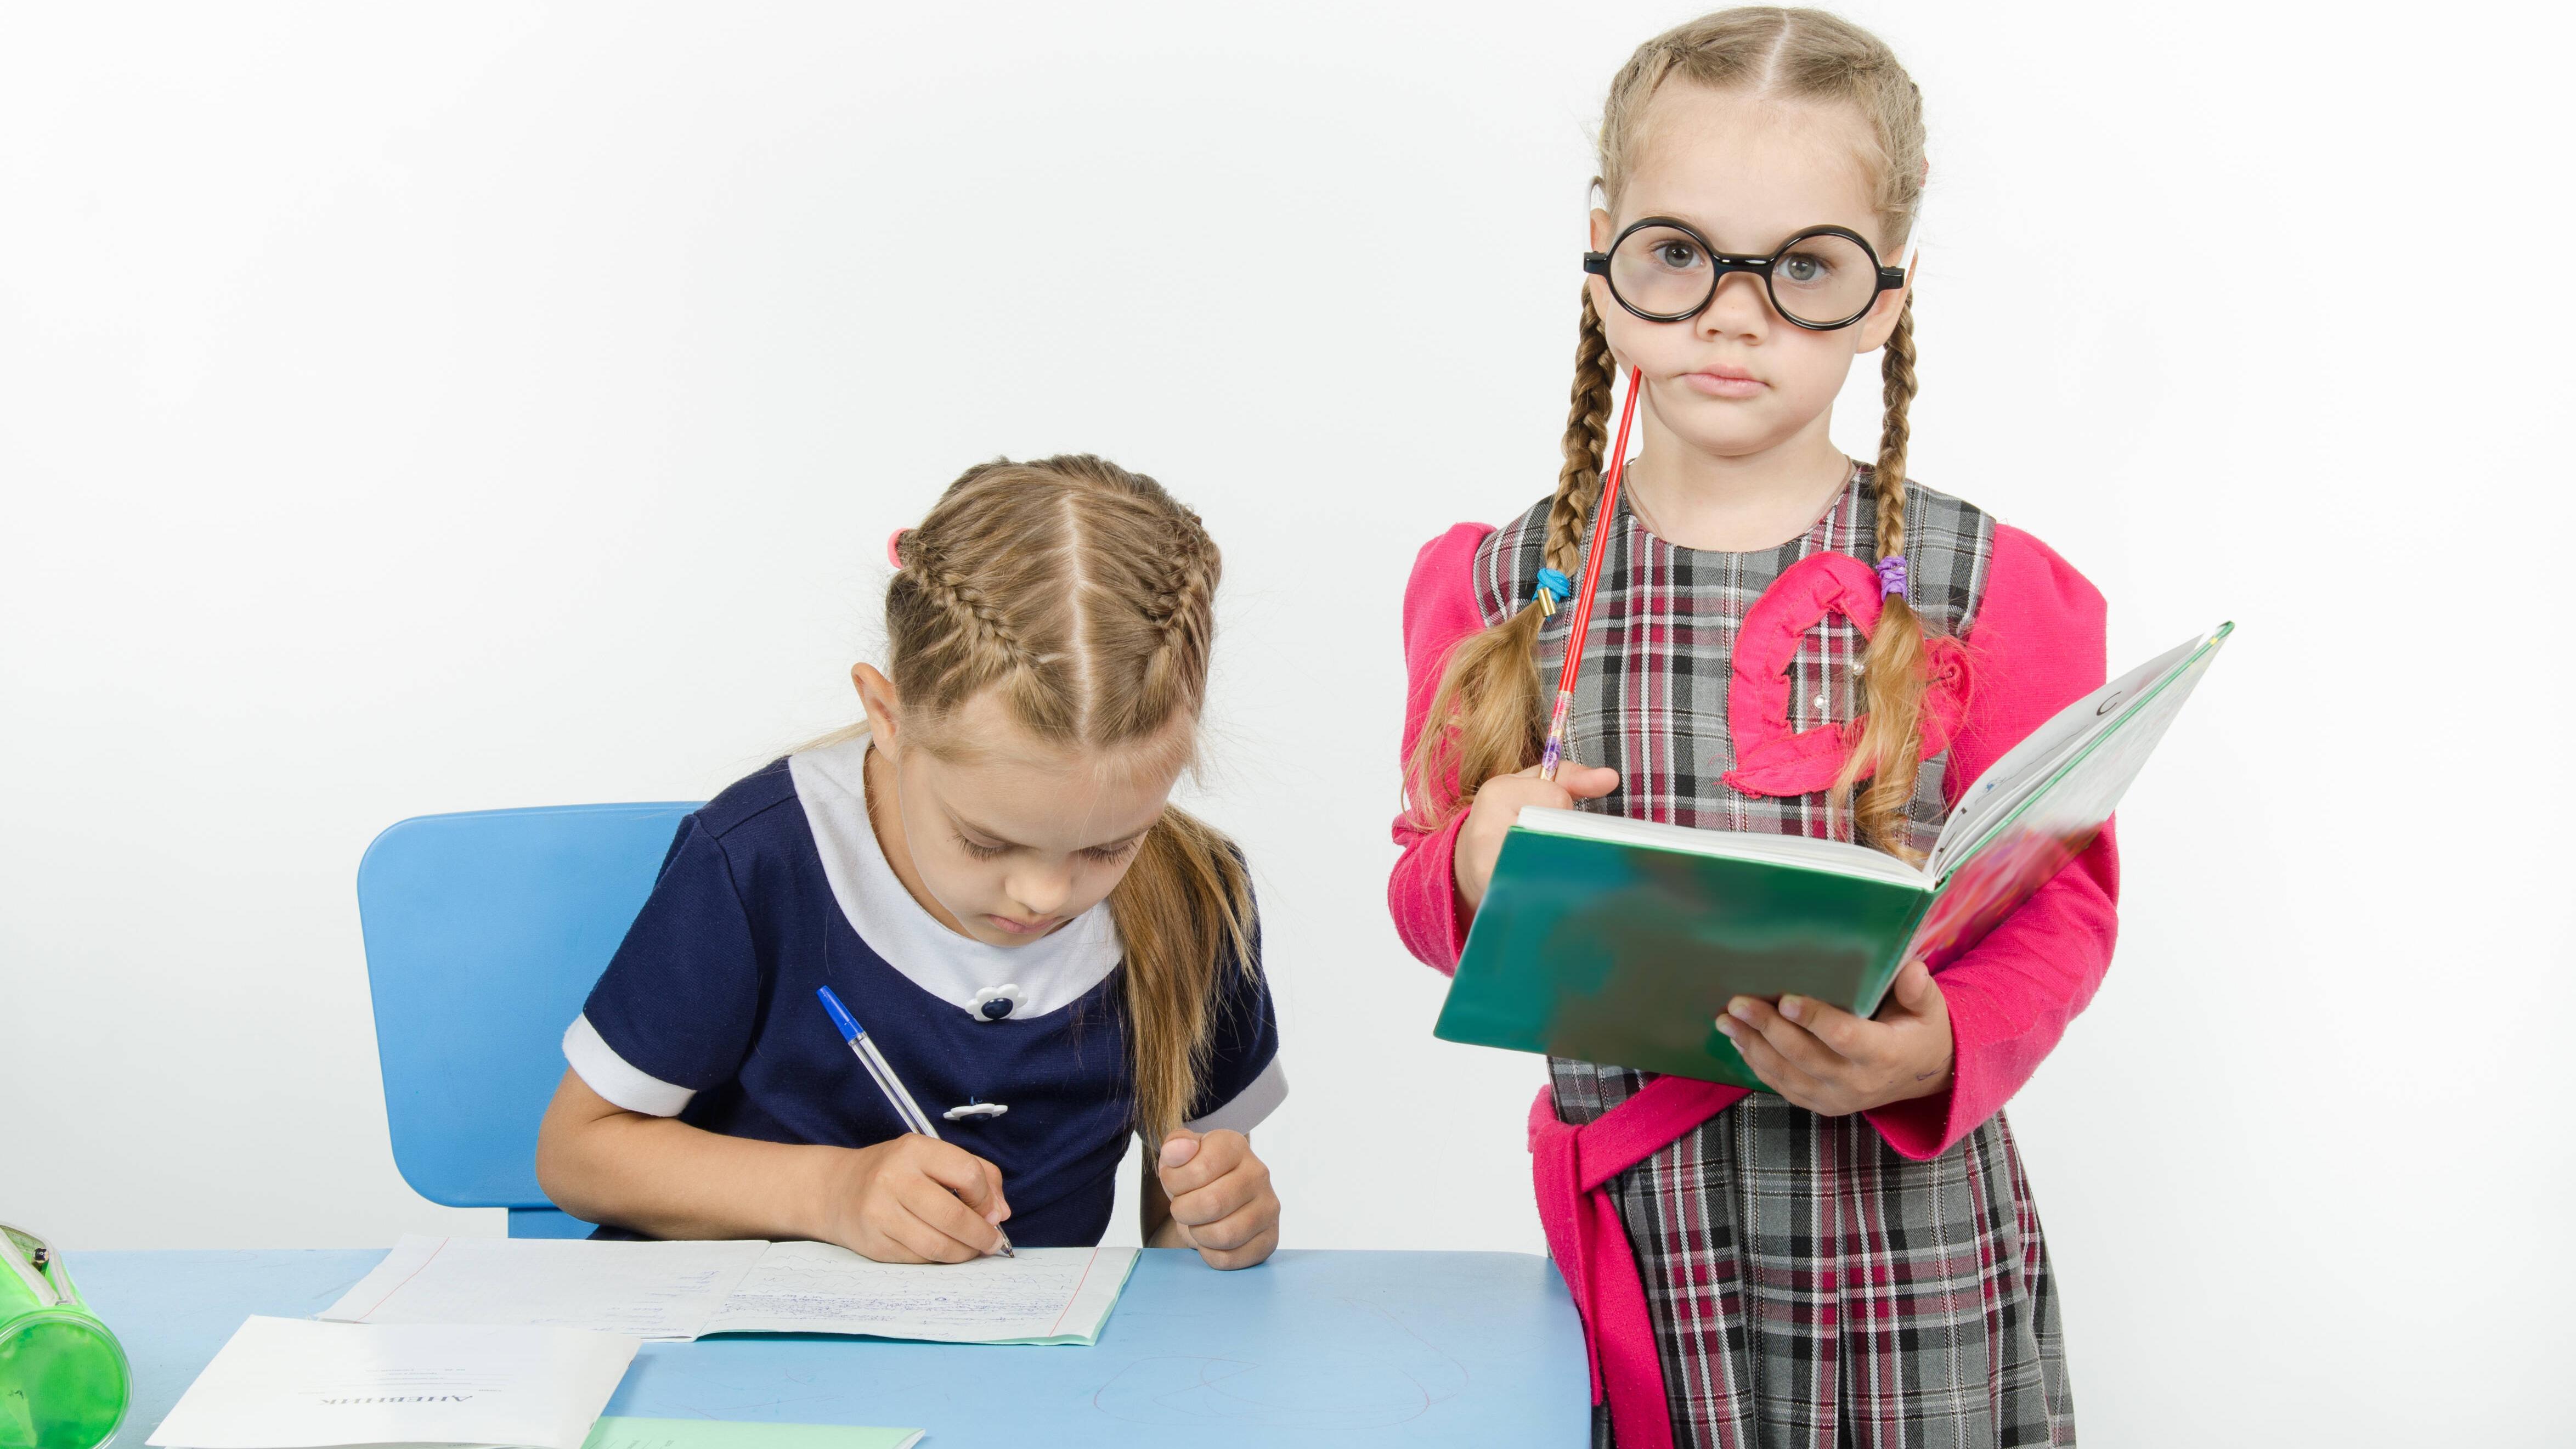 Das Dosendiktat trainiert die Konzentration und das Textverständnis.